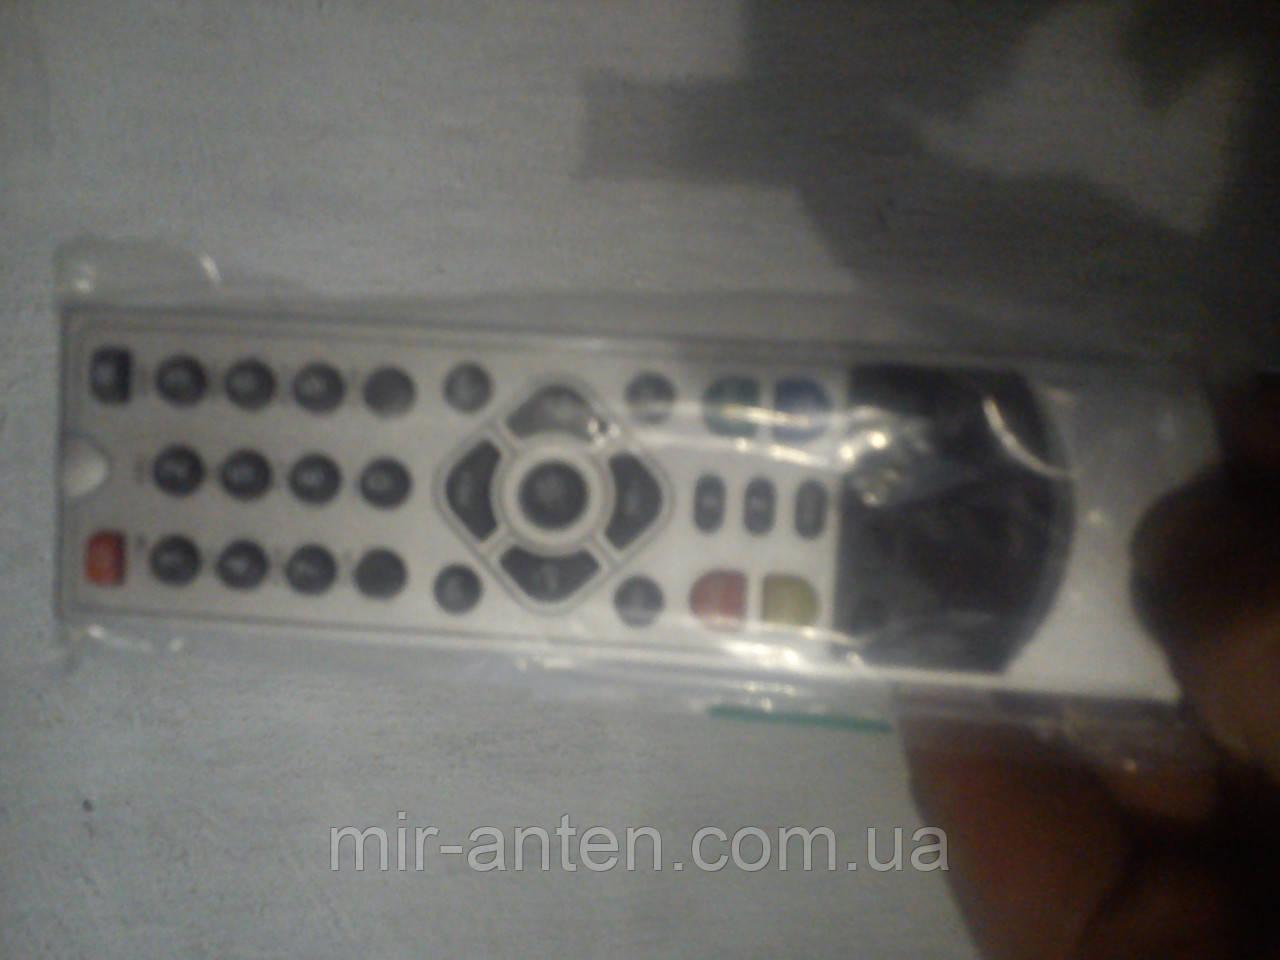 Пульт к ресиверу SMART MX-04, MX-01